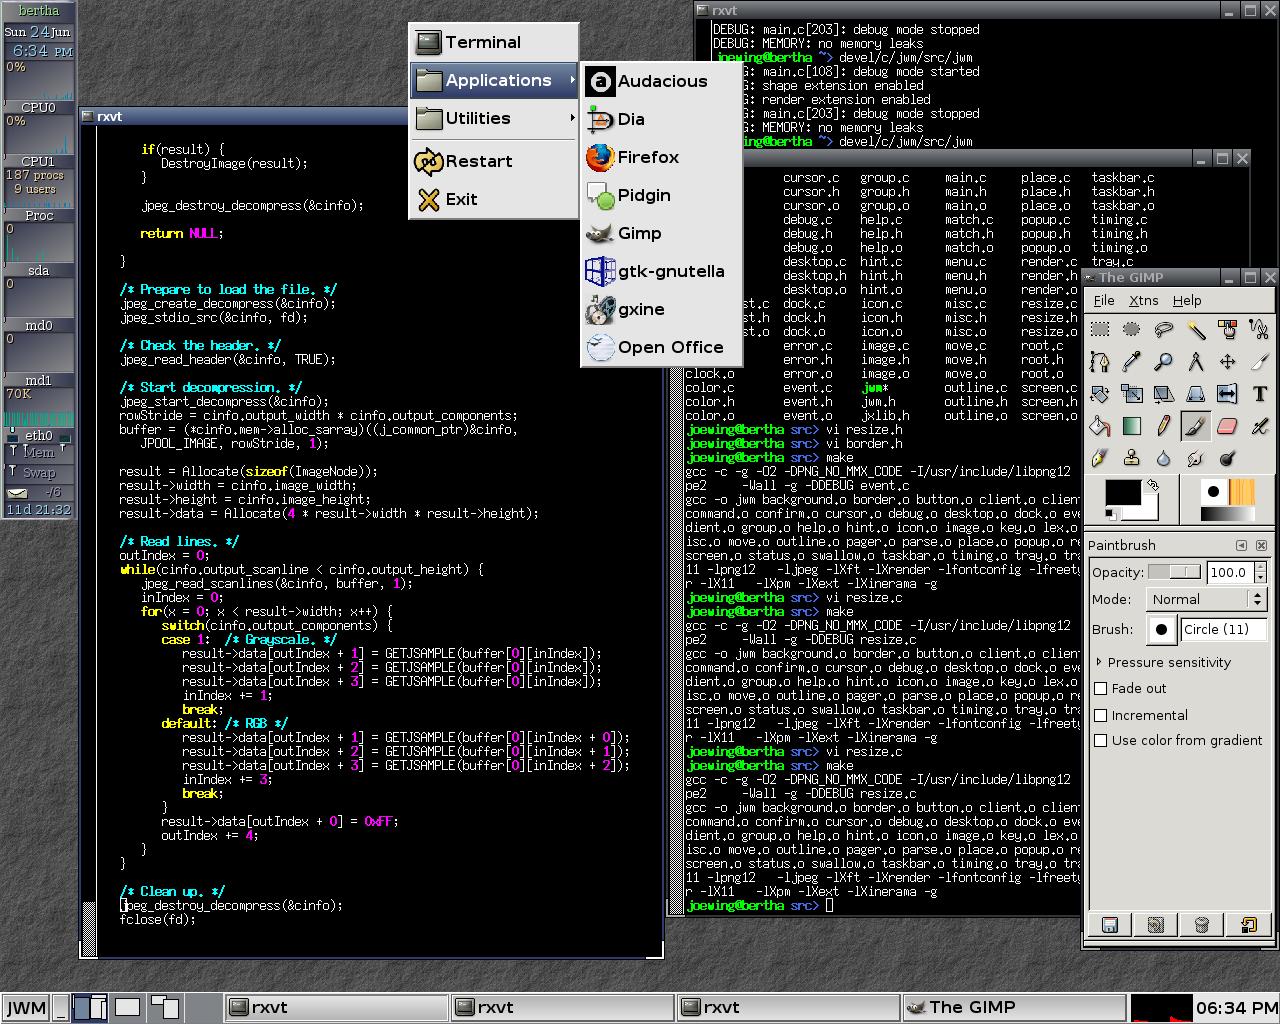 sqli scanner hacking